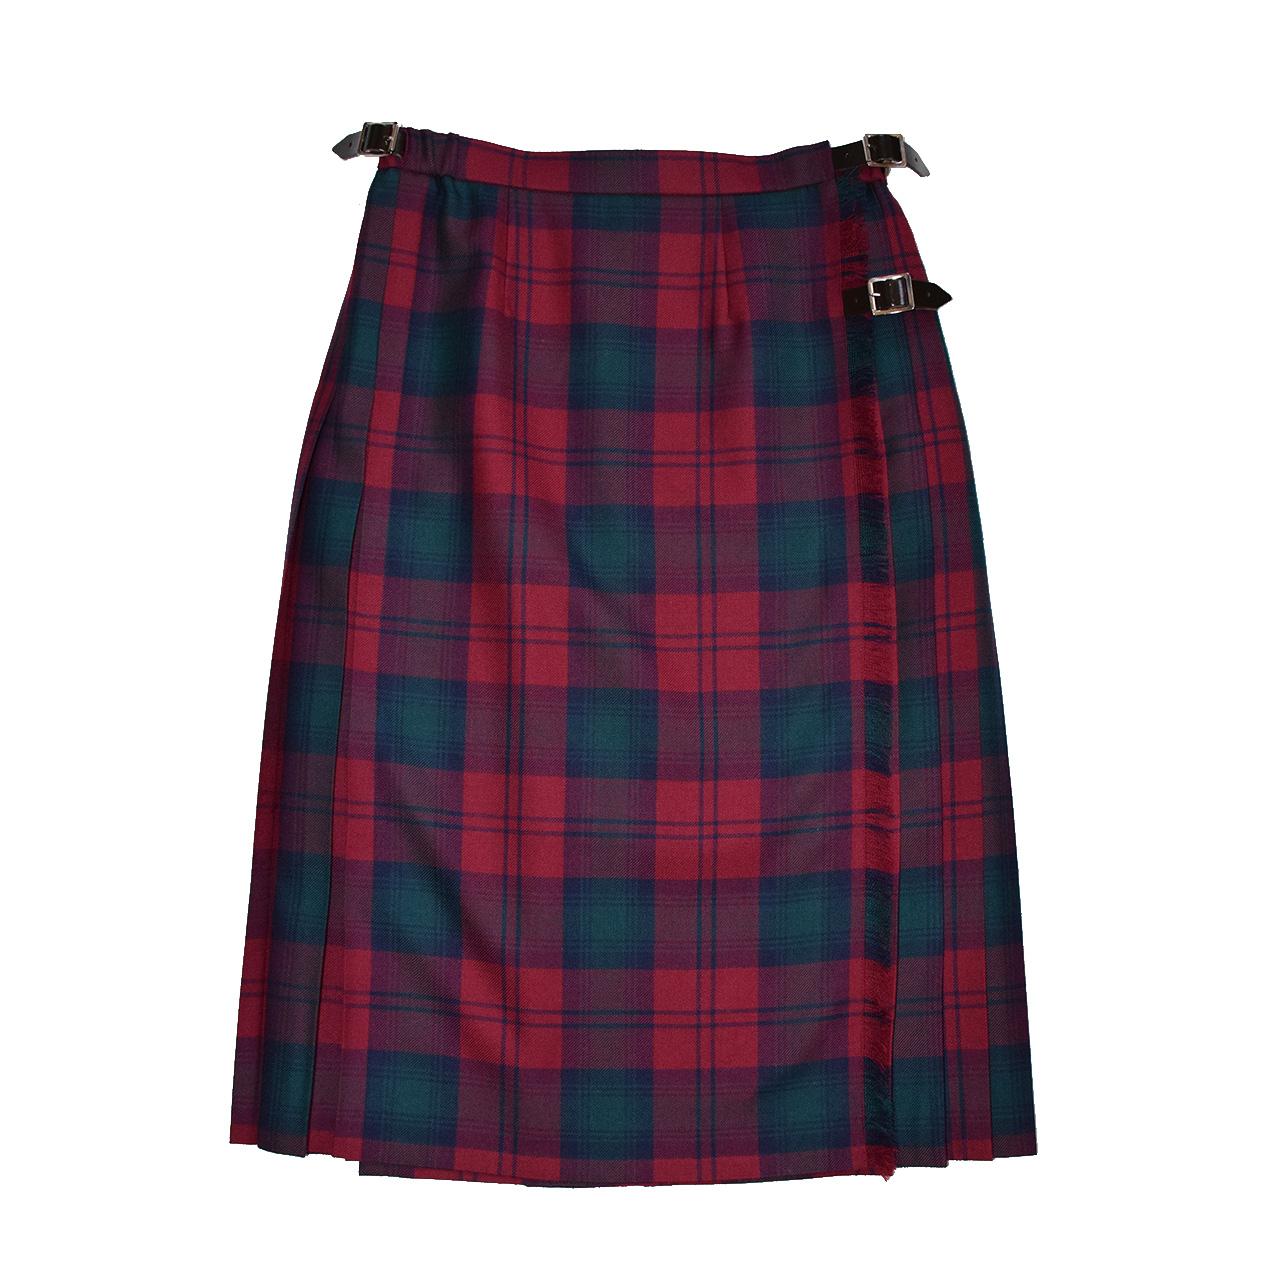 skirt-006